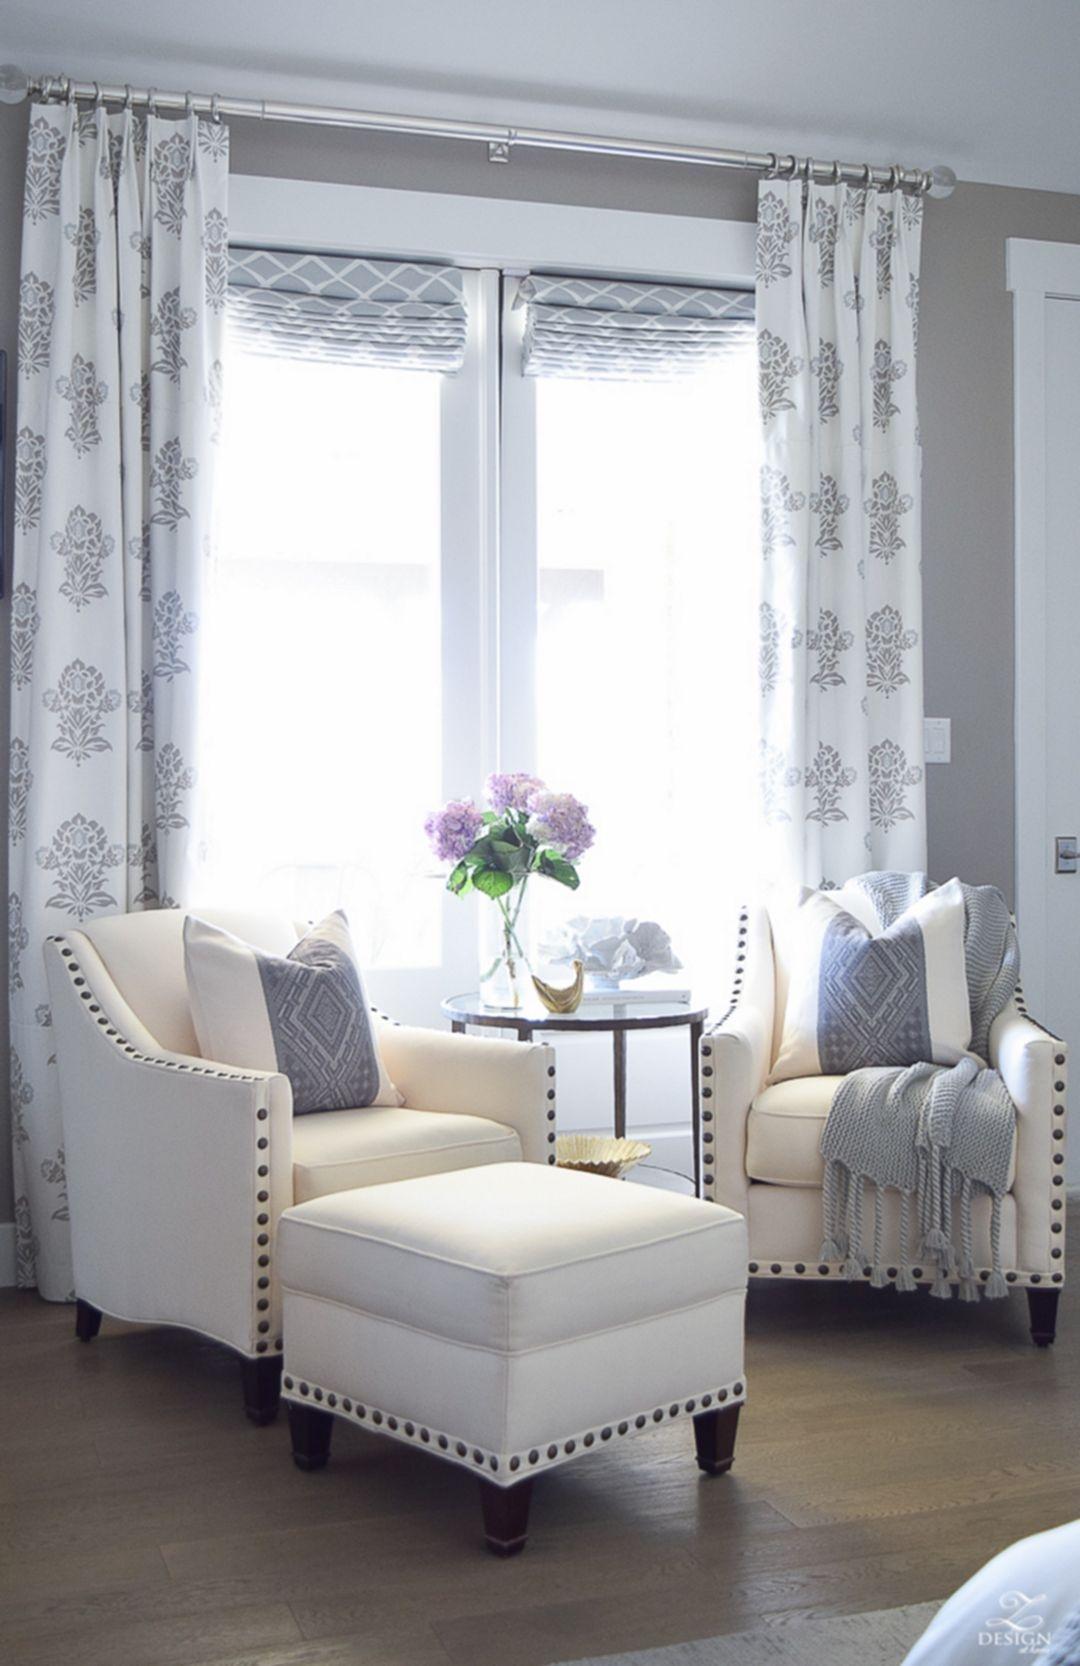 30 Favorite Living Room Curtain Design Ideas To Enhance Your Living Room Gagohome